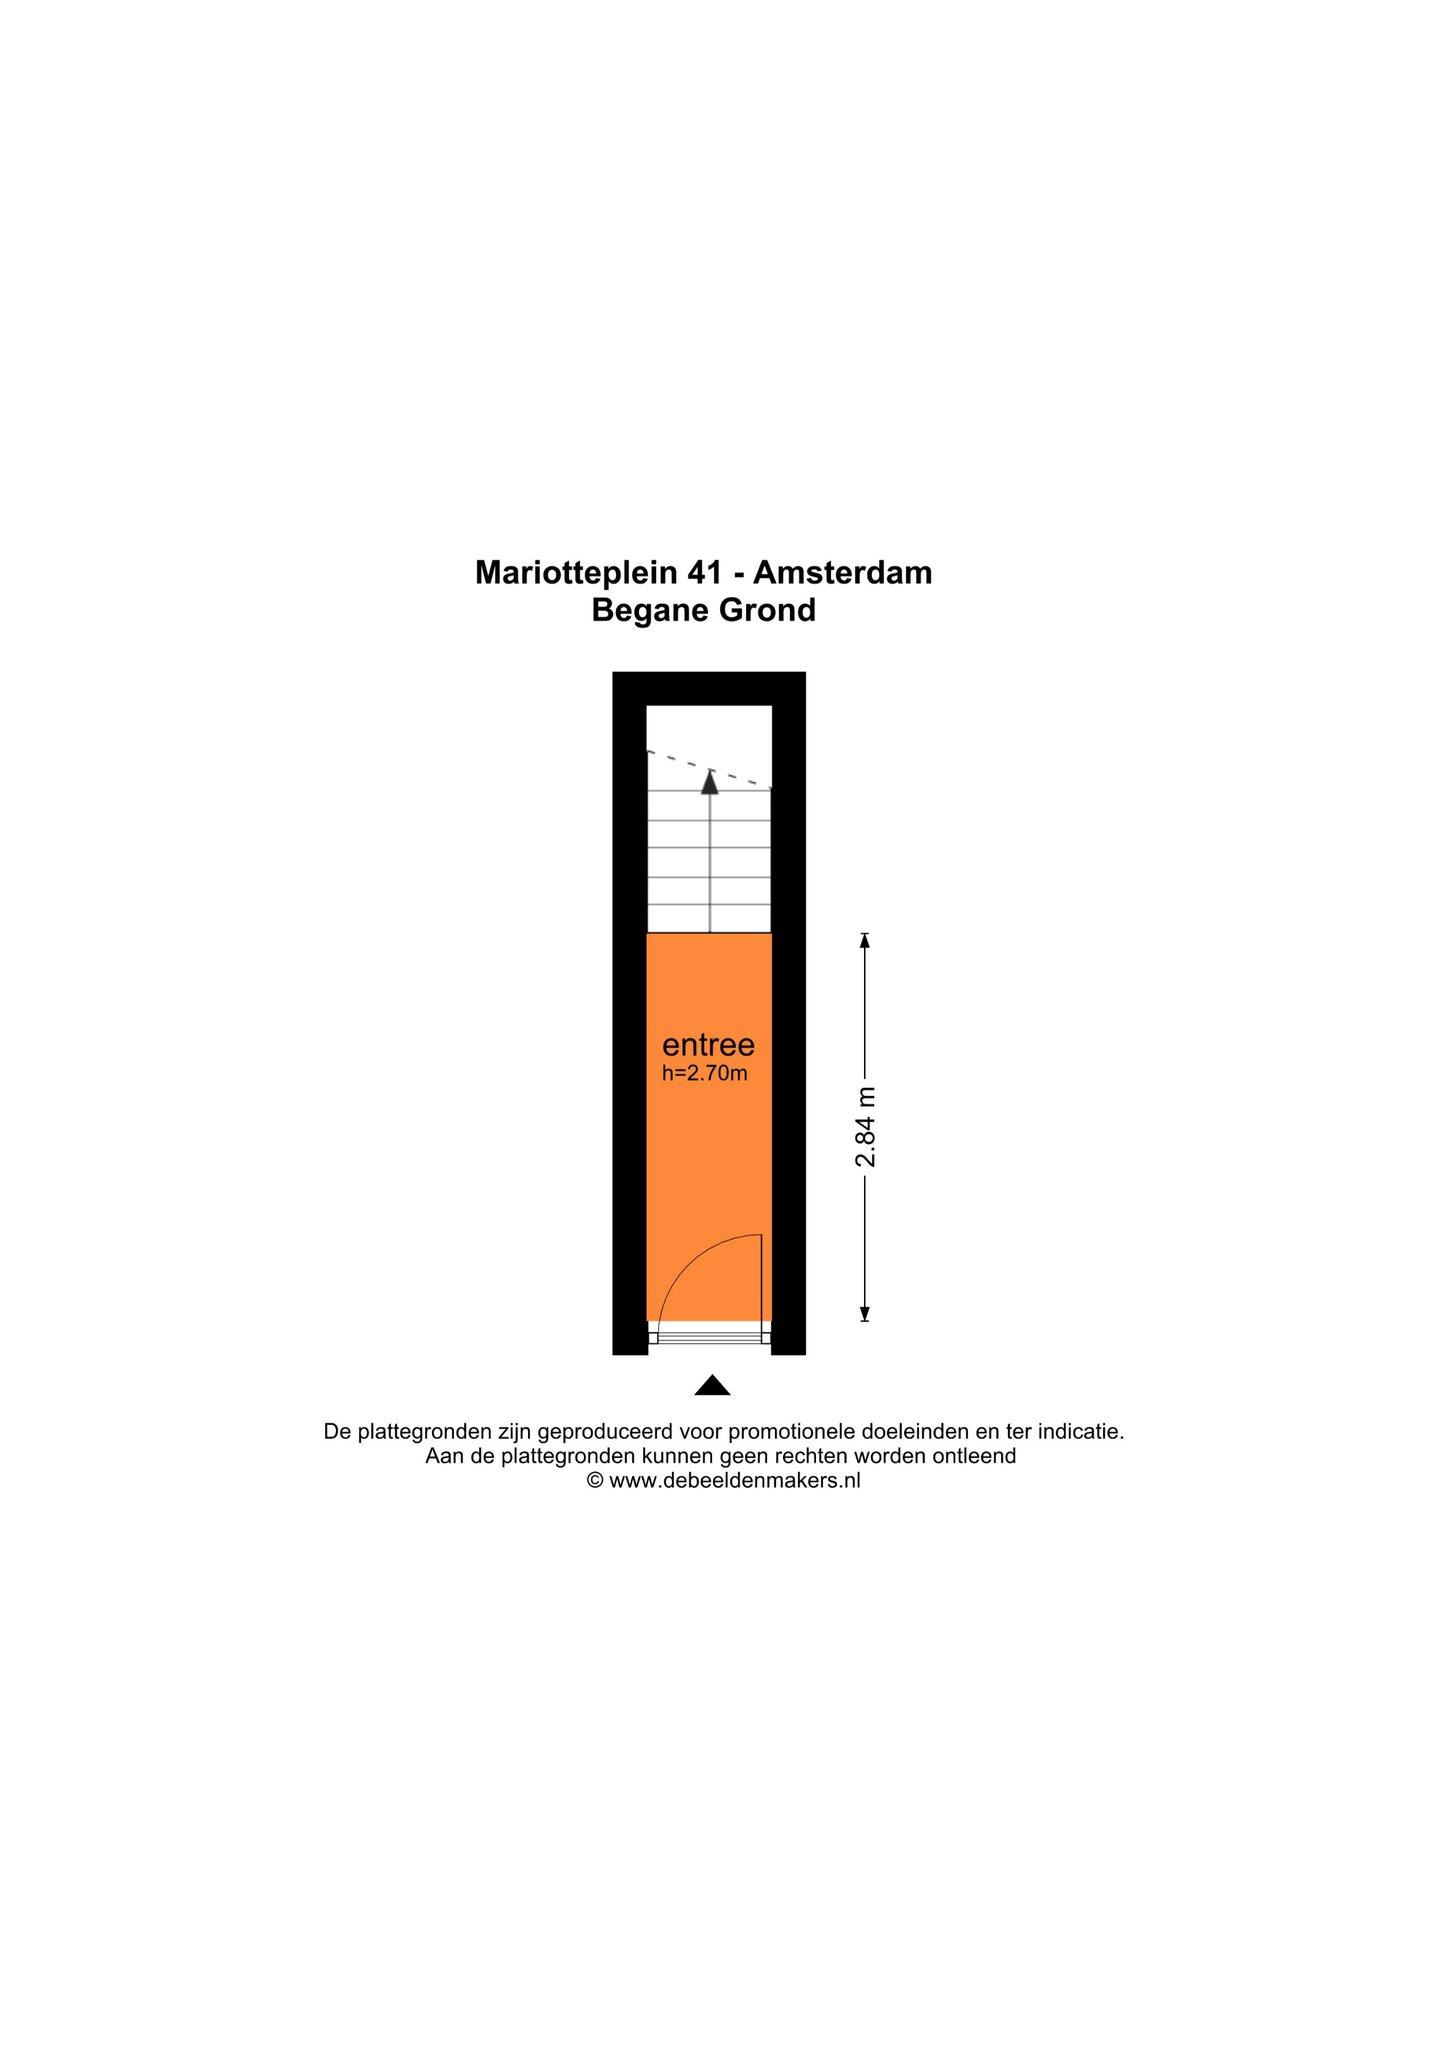 Amsterdam – Mariotteplein 41I – Plattegrond